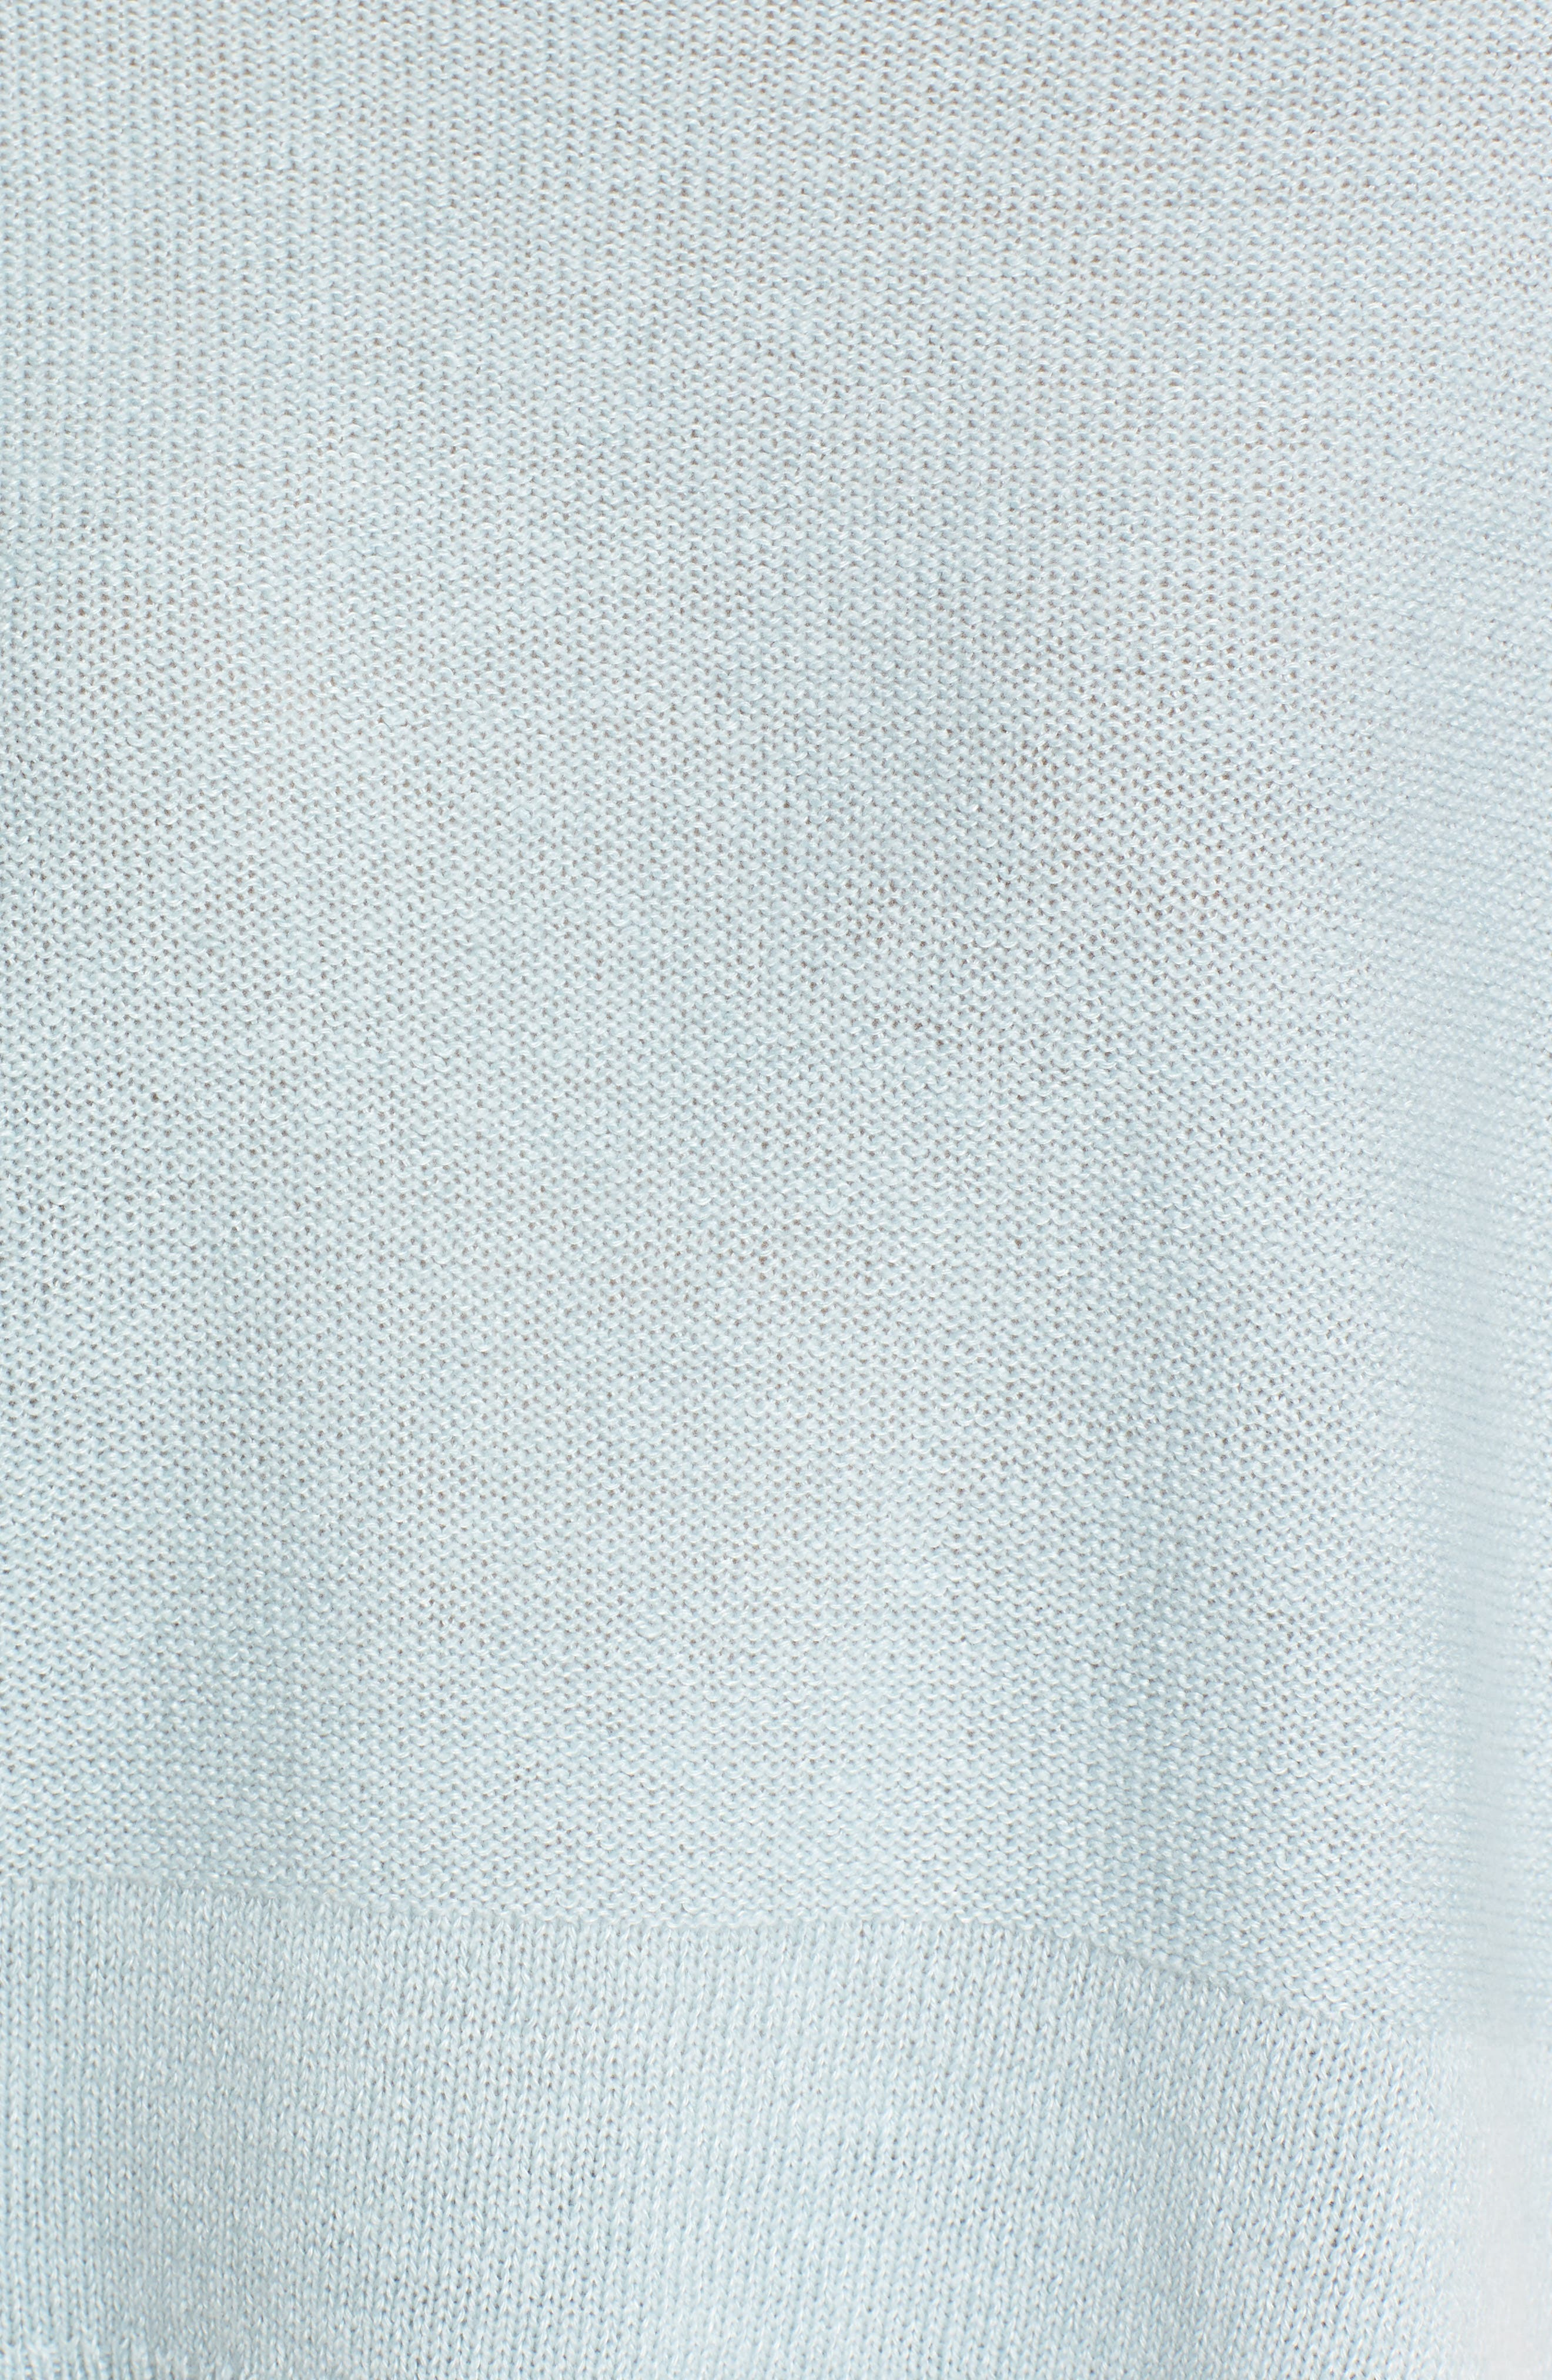 Linen & Cashmere Sweater,                             Alternate thumbnail 9, color,